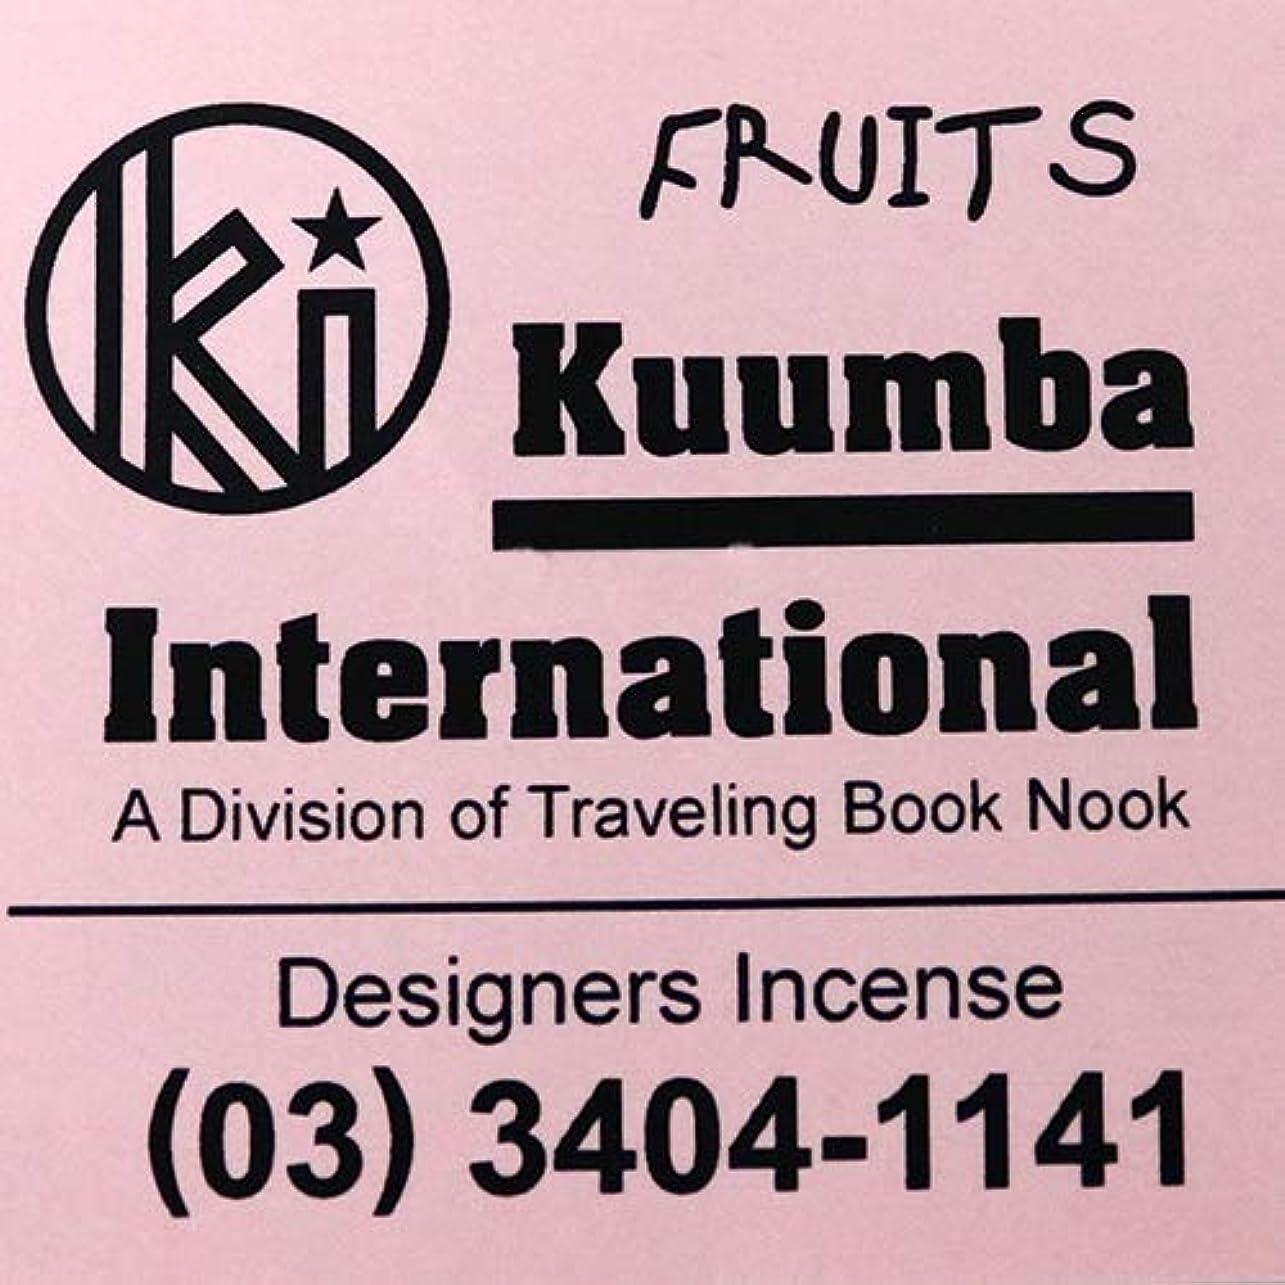 ロック典型的な噴火(クンバ) KUUMBA『incense』(FRUITS) (FRUITS, Regular size)